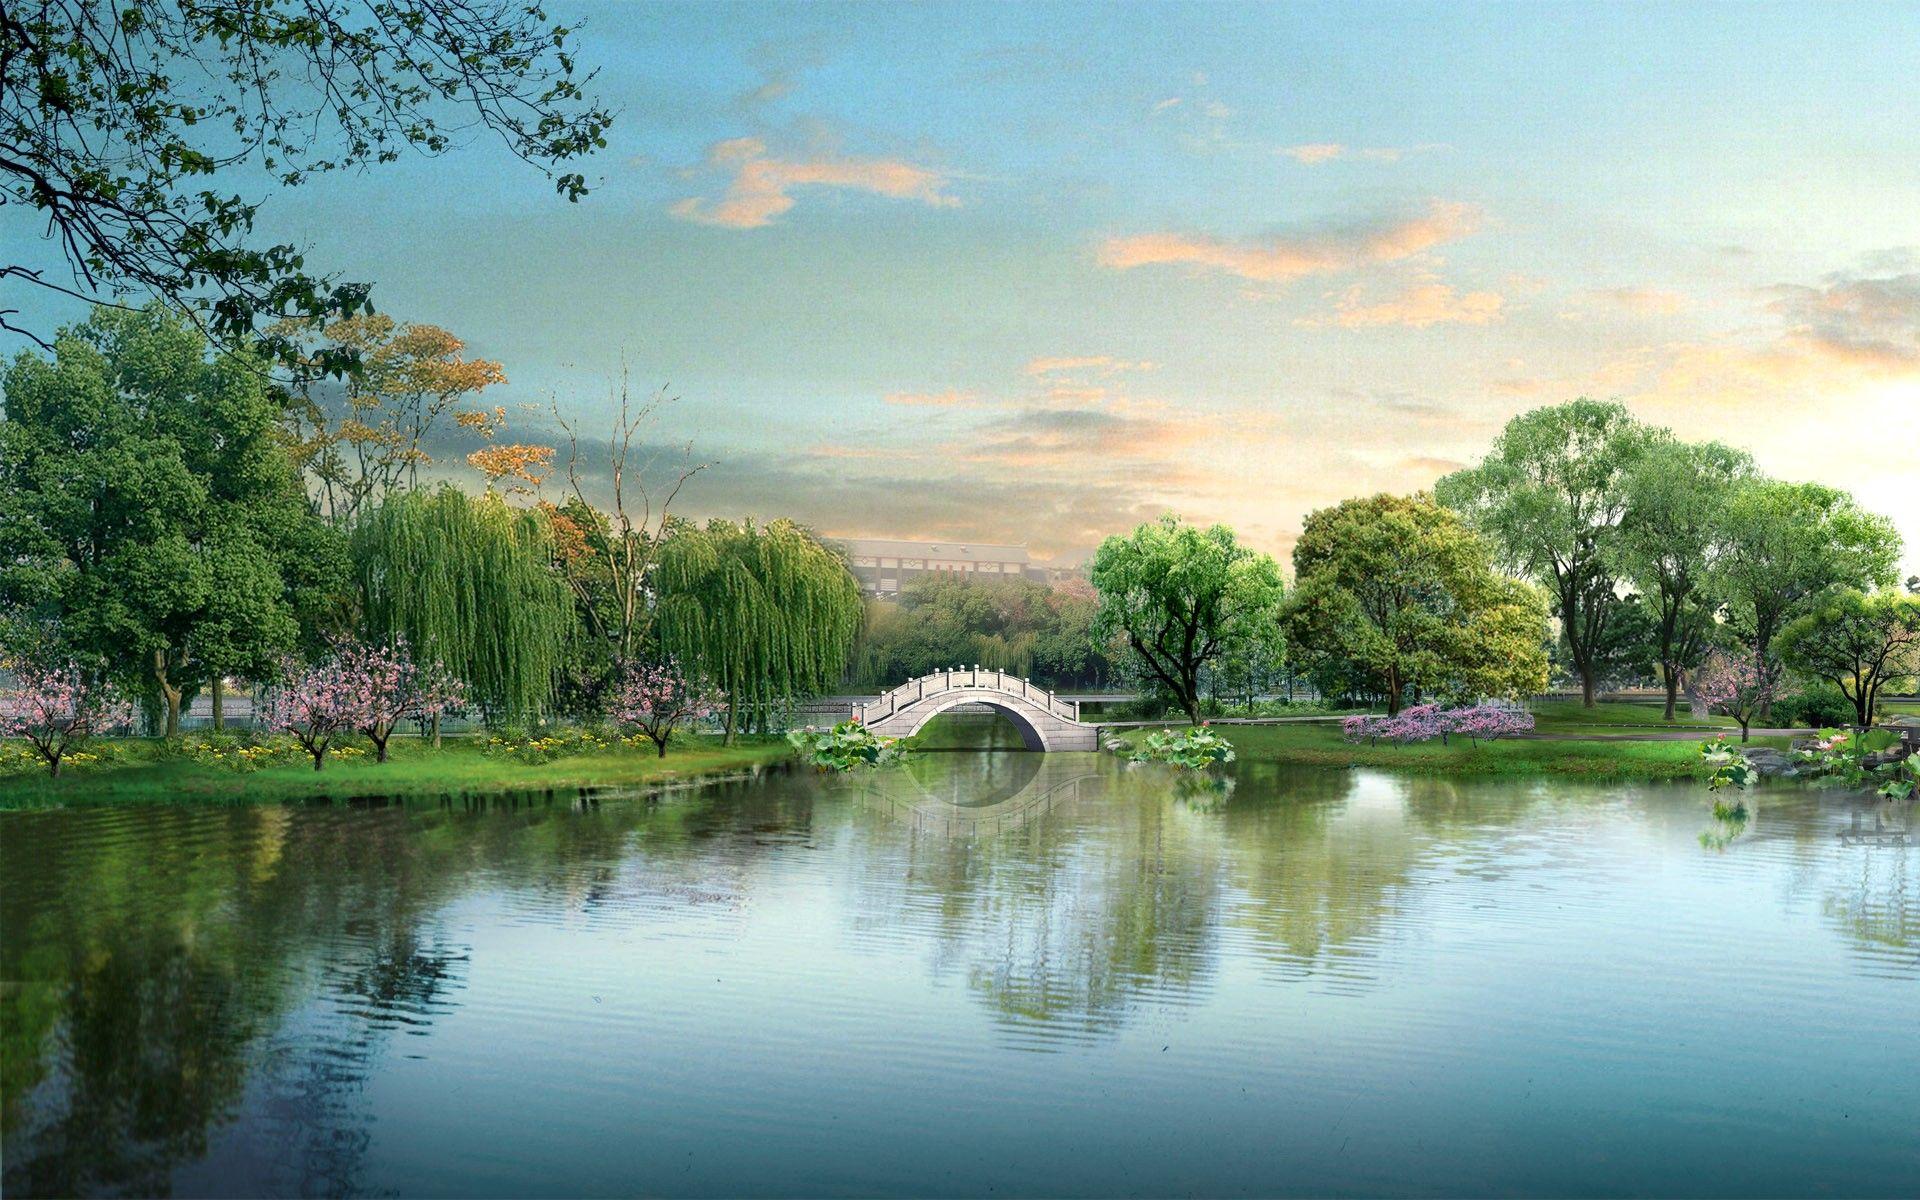 Hd wallpaper landscape - Beautiful Landscape Photos Beautiful Nature Landscapes Wallpapers Hd Widescreen Desktop Wallpaper